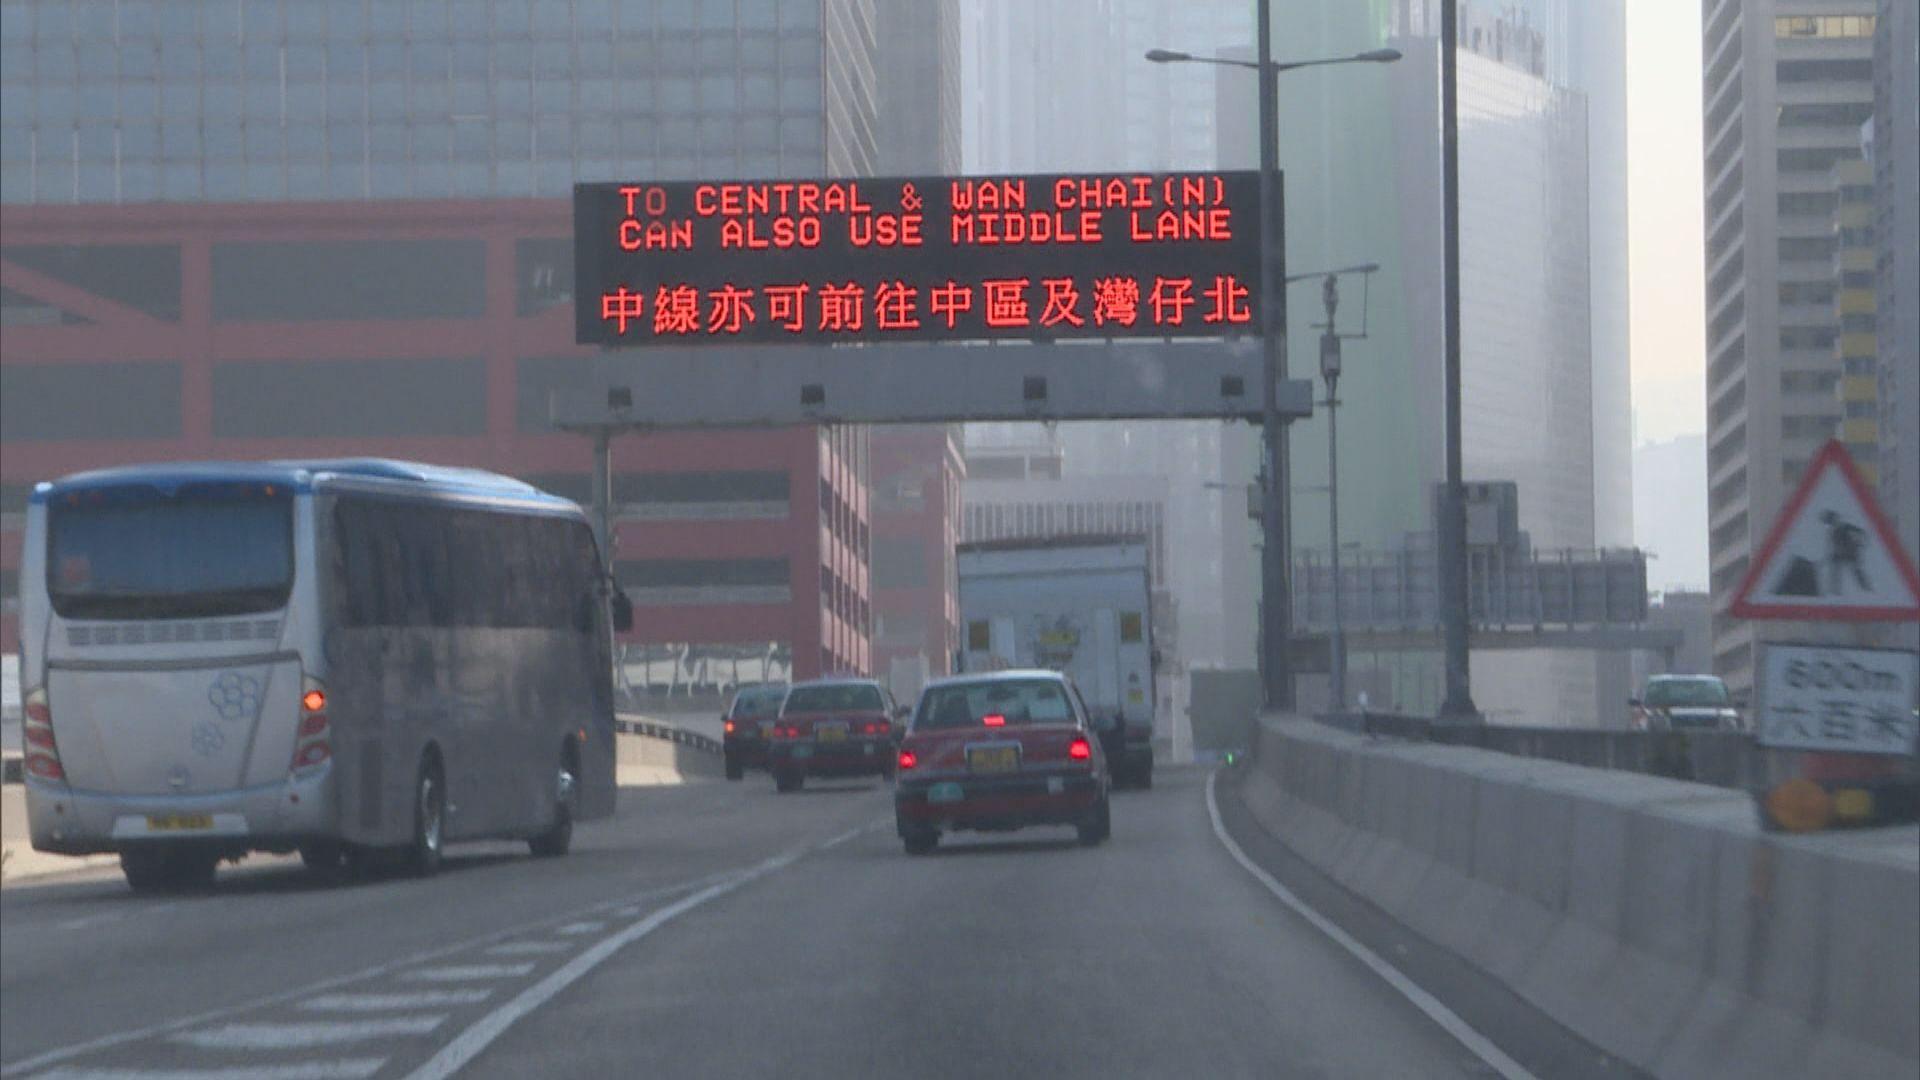 運輸署增設繞道路牌 有司機認為有幫助